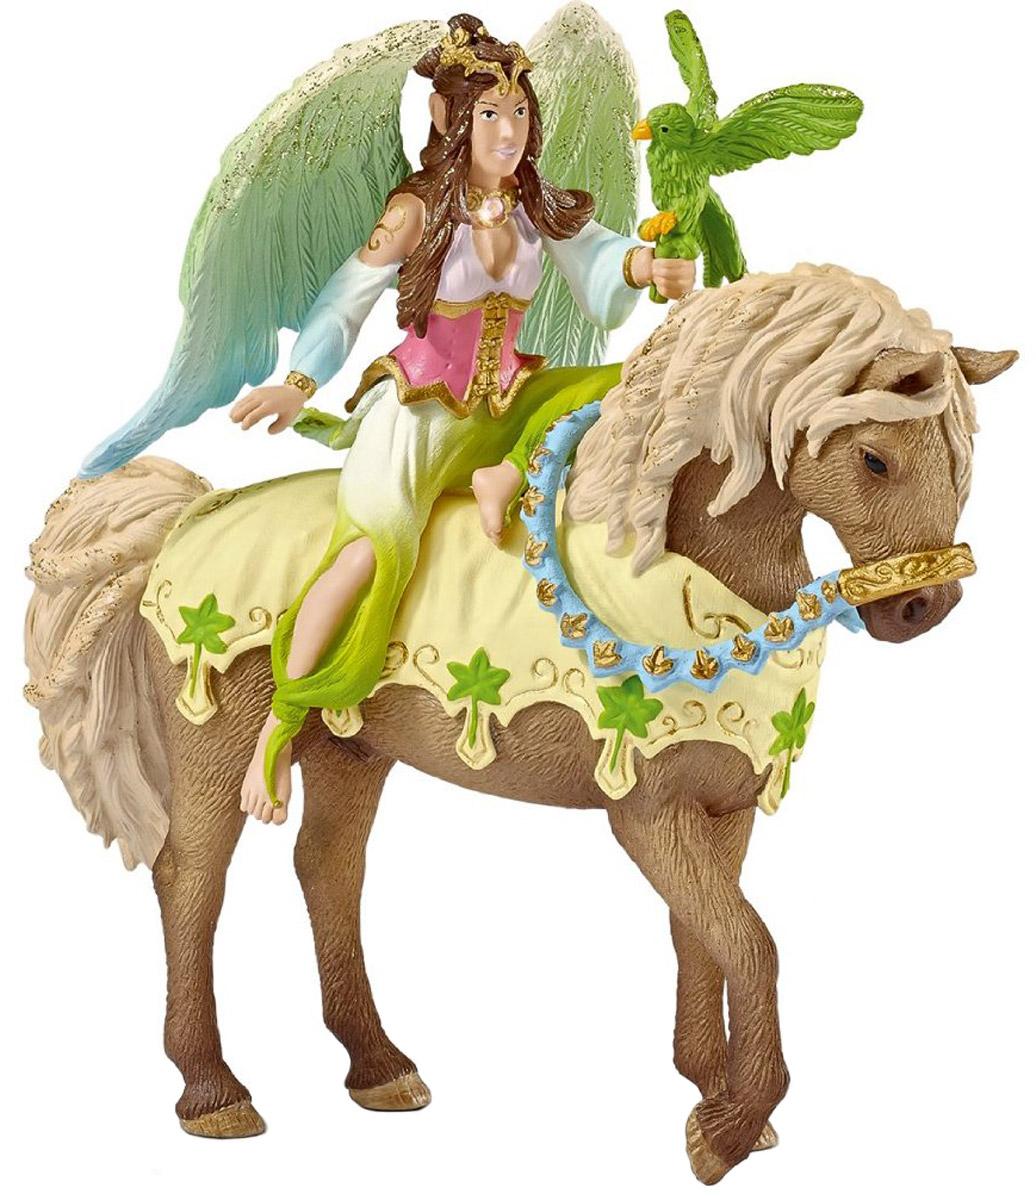 Schleich Фигурка Эльфийка Сурах на лошади schleich фигурка карликовый козел